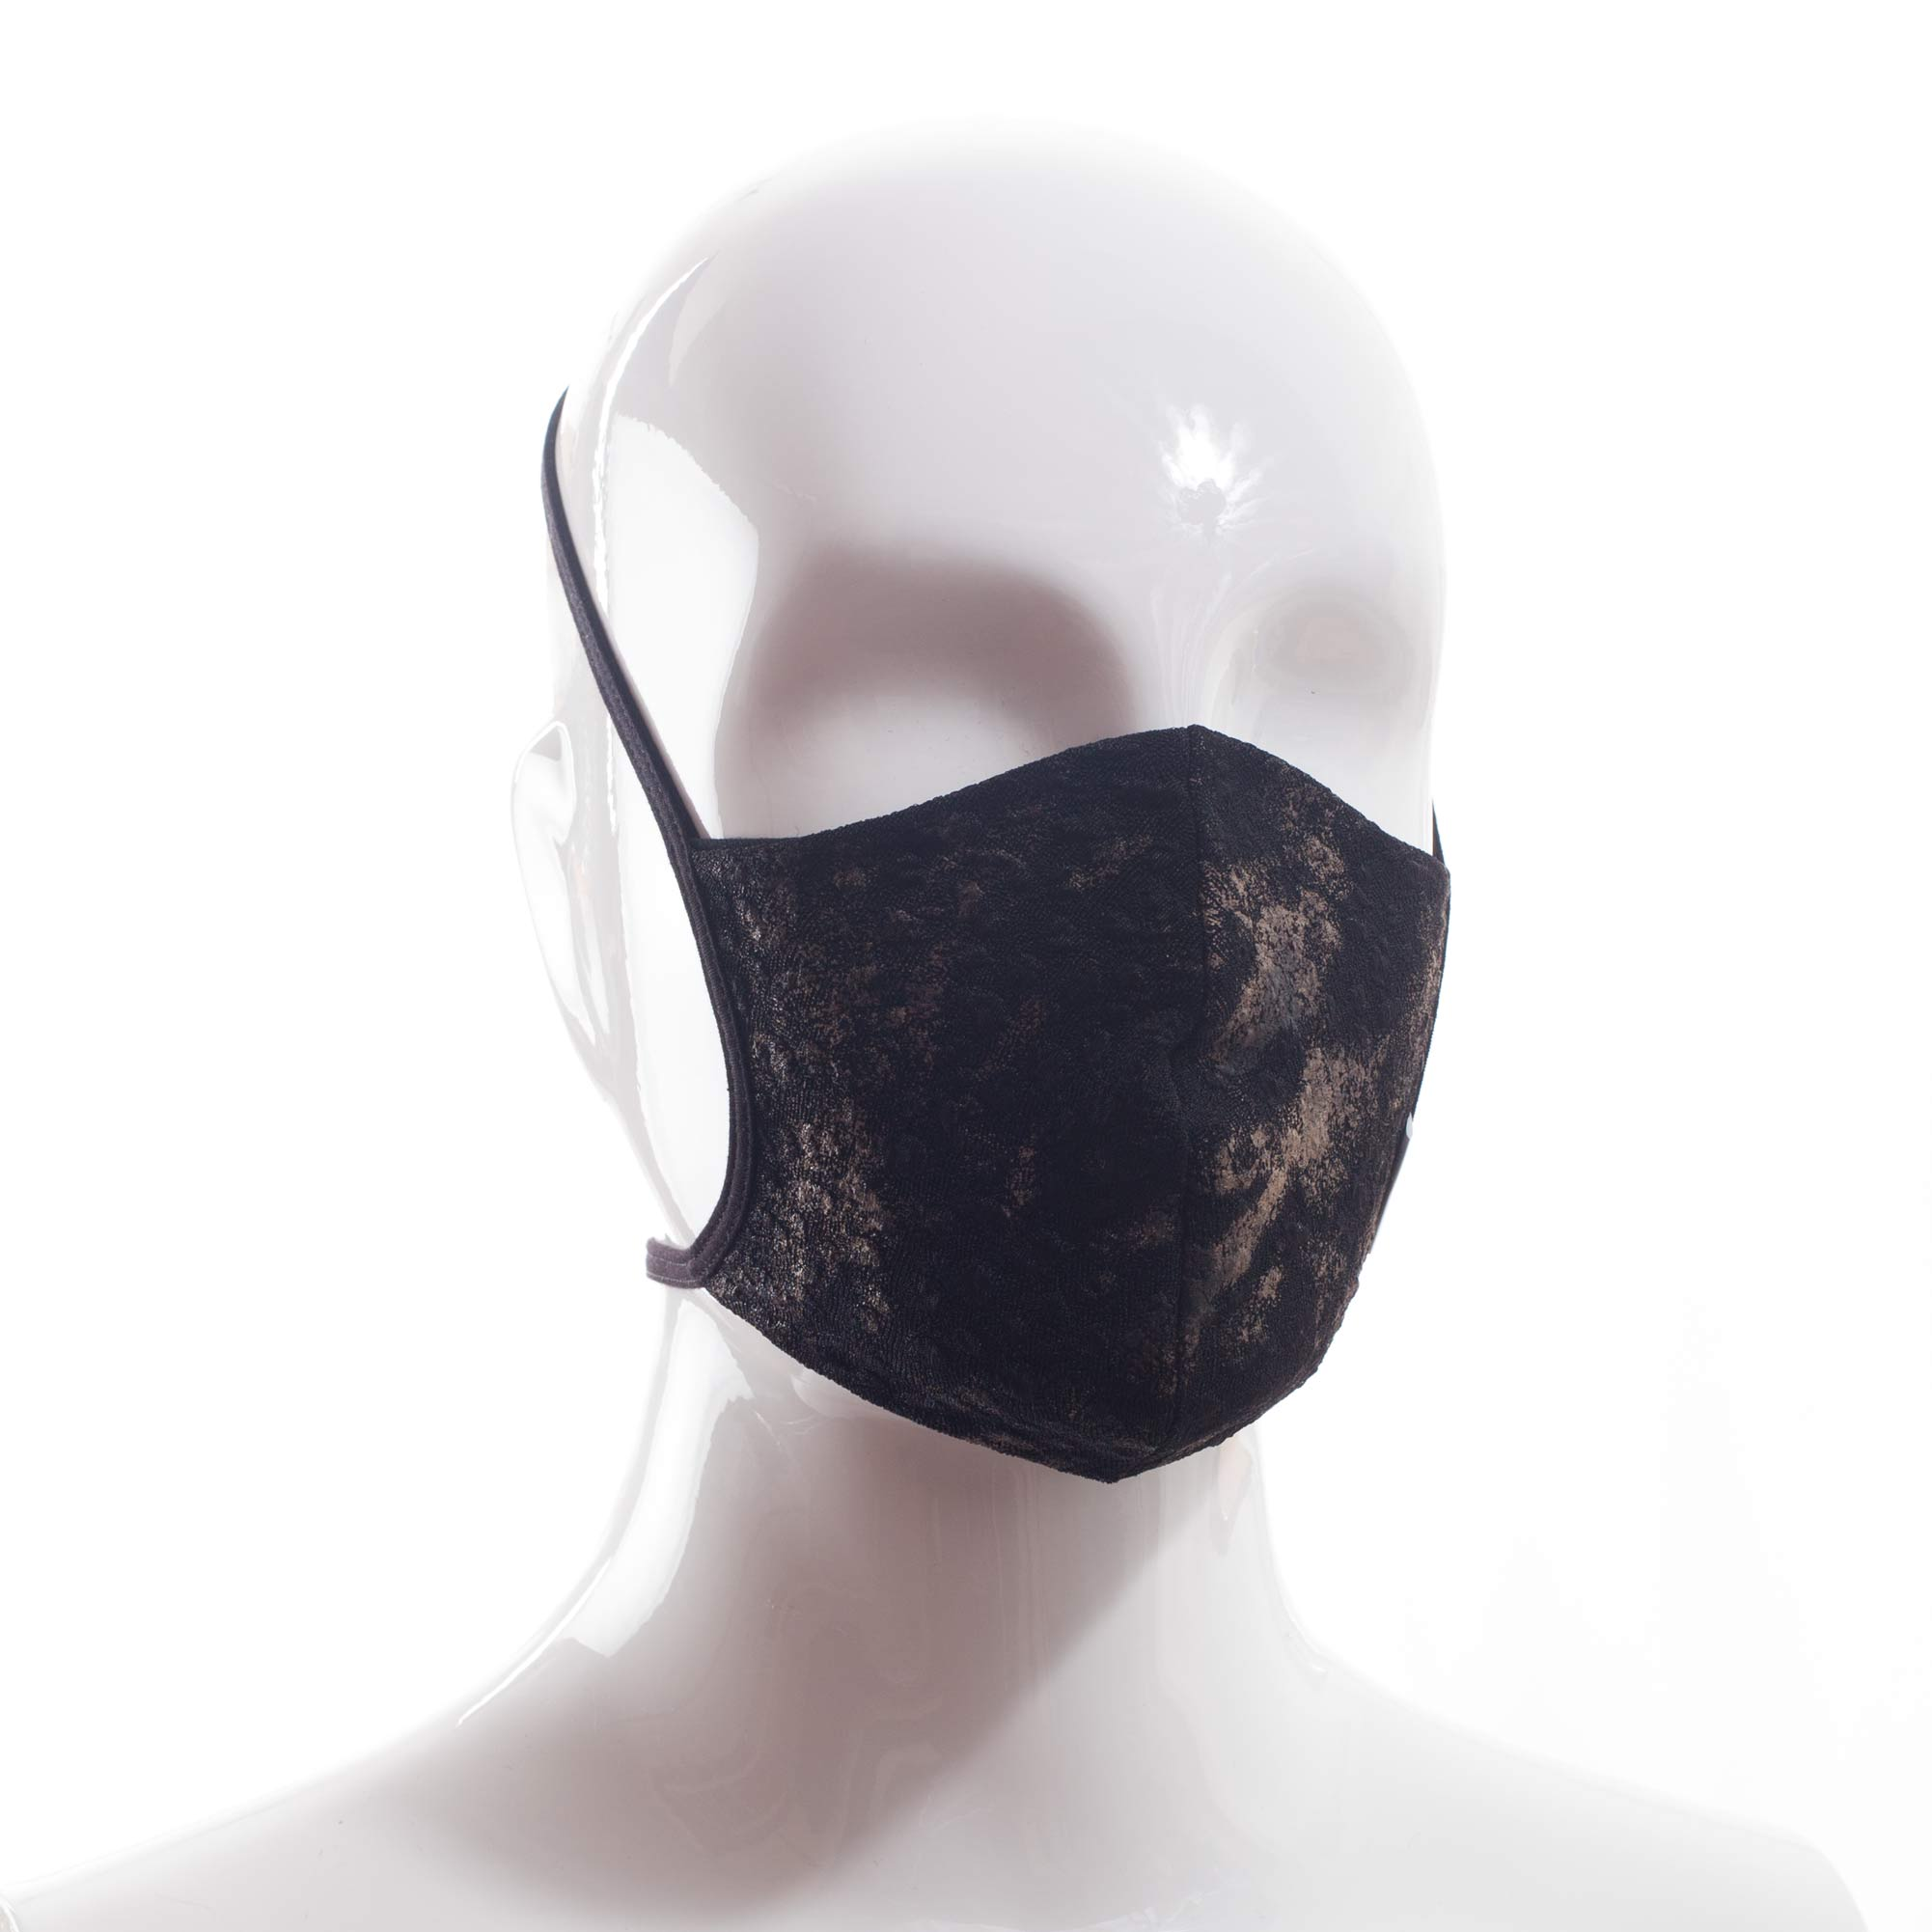 Die Baumwoll-Polyester Mund-Nasen Maske BWPM4AntikGold von der Wonneberger Manufaktur ist eine textile Behelfsmaske, kein zertifizierter Mundschutz.  Sie schützt nur bedingt vor Ansteckung. Ihr eigentlicher Zweck ist es, den Atem des Trägers zu filtern und dadurch seine Umgebung zu schützen.  Daher muss die…